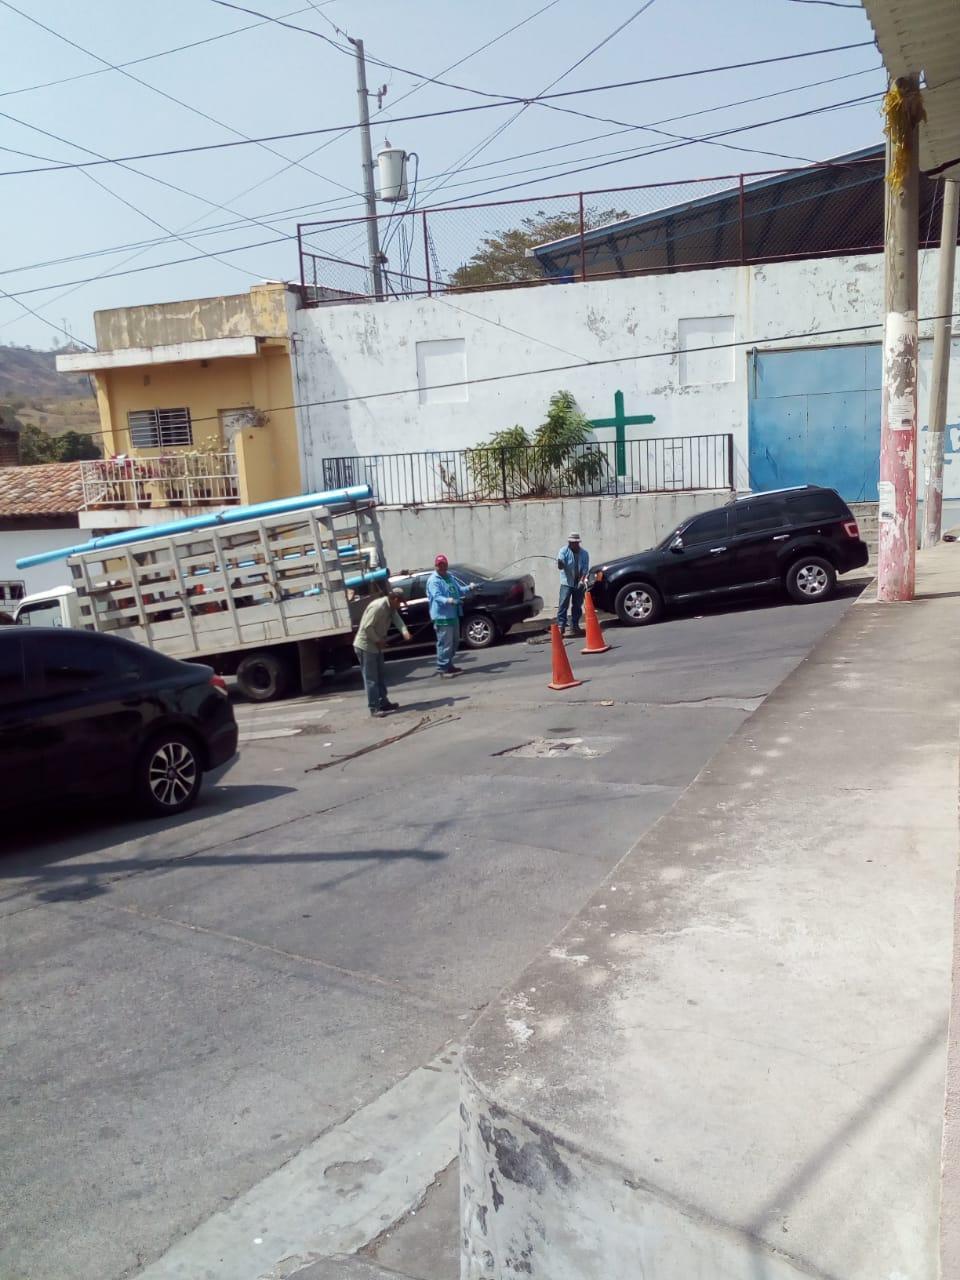 ANDA responde a afectados por derrame de aguas negras en Metapán tras demanda en PDDH Santa Ana